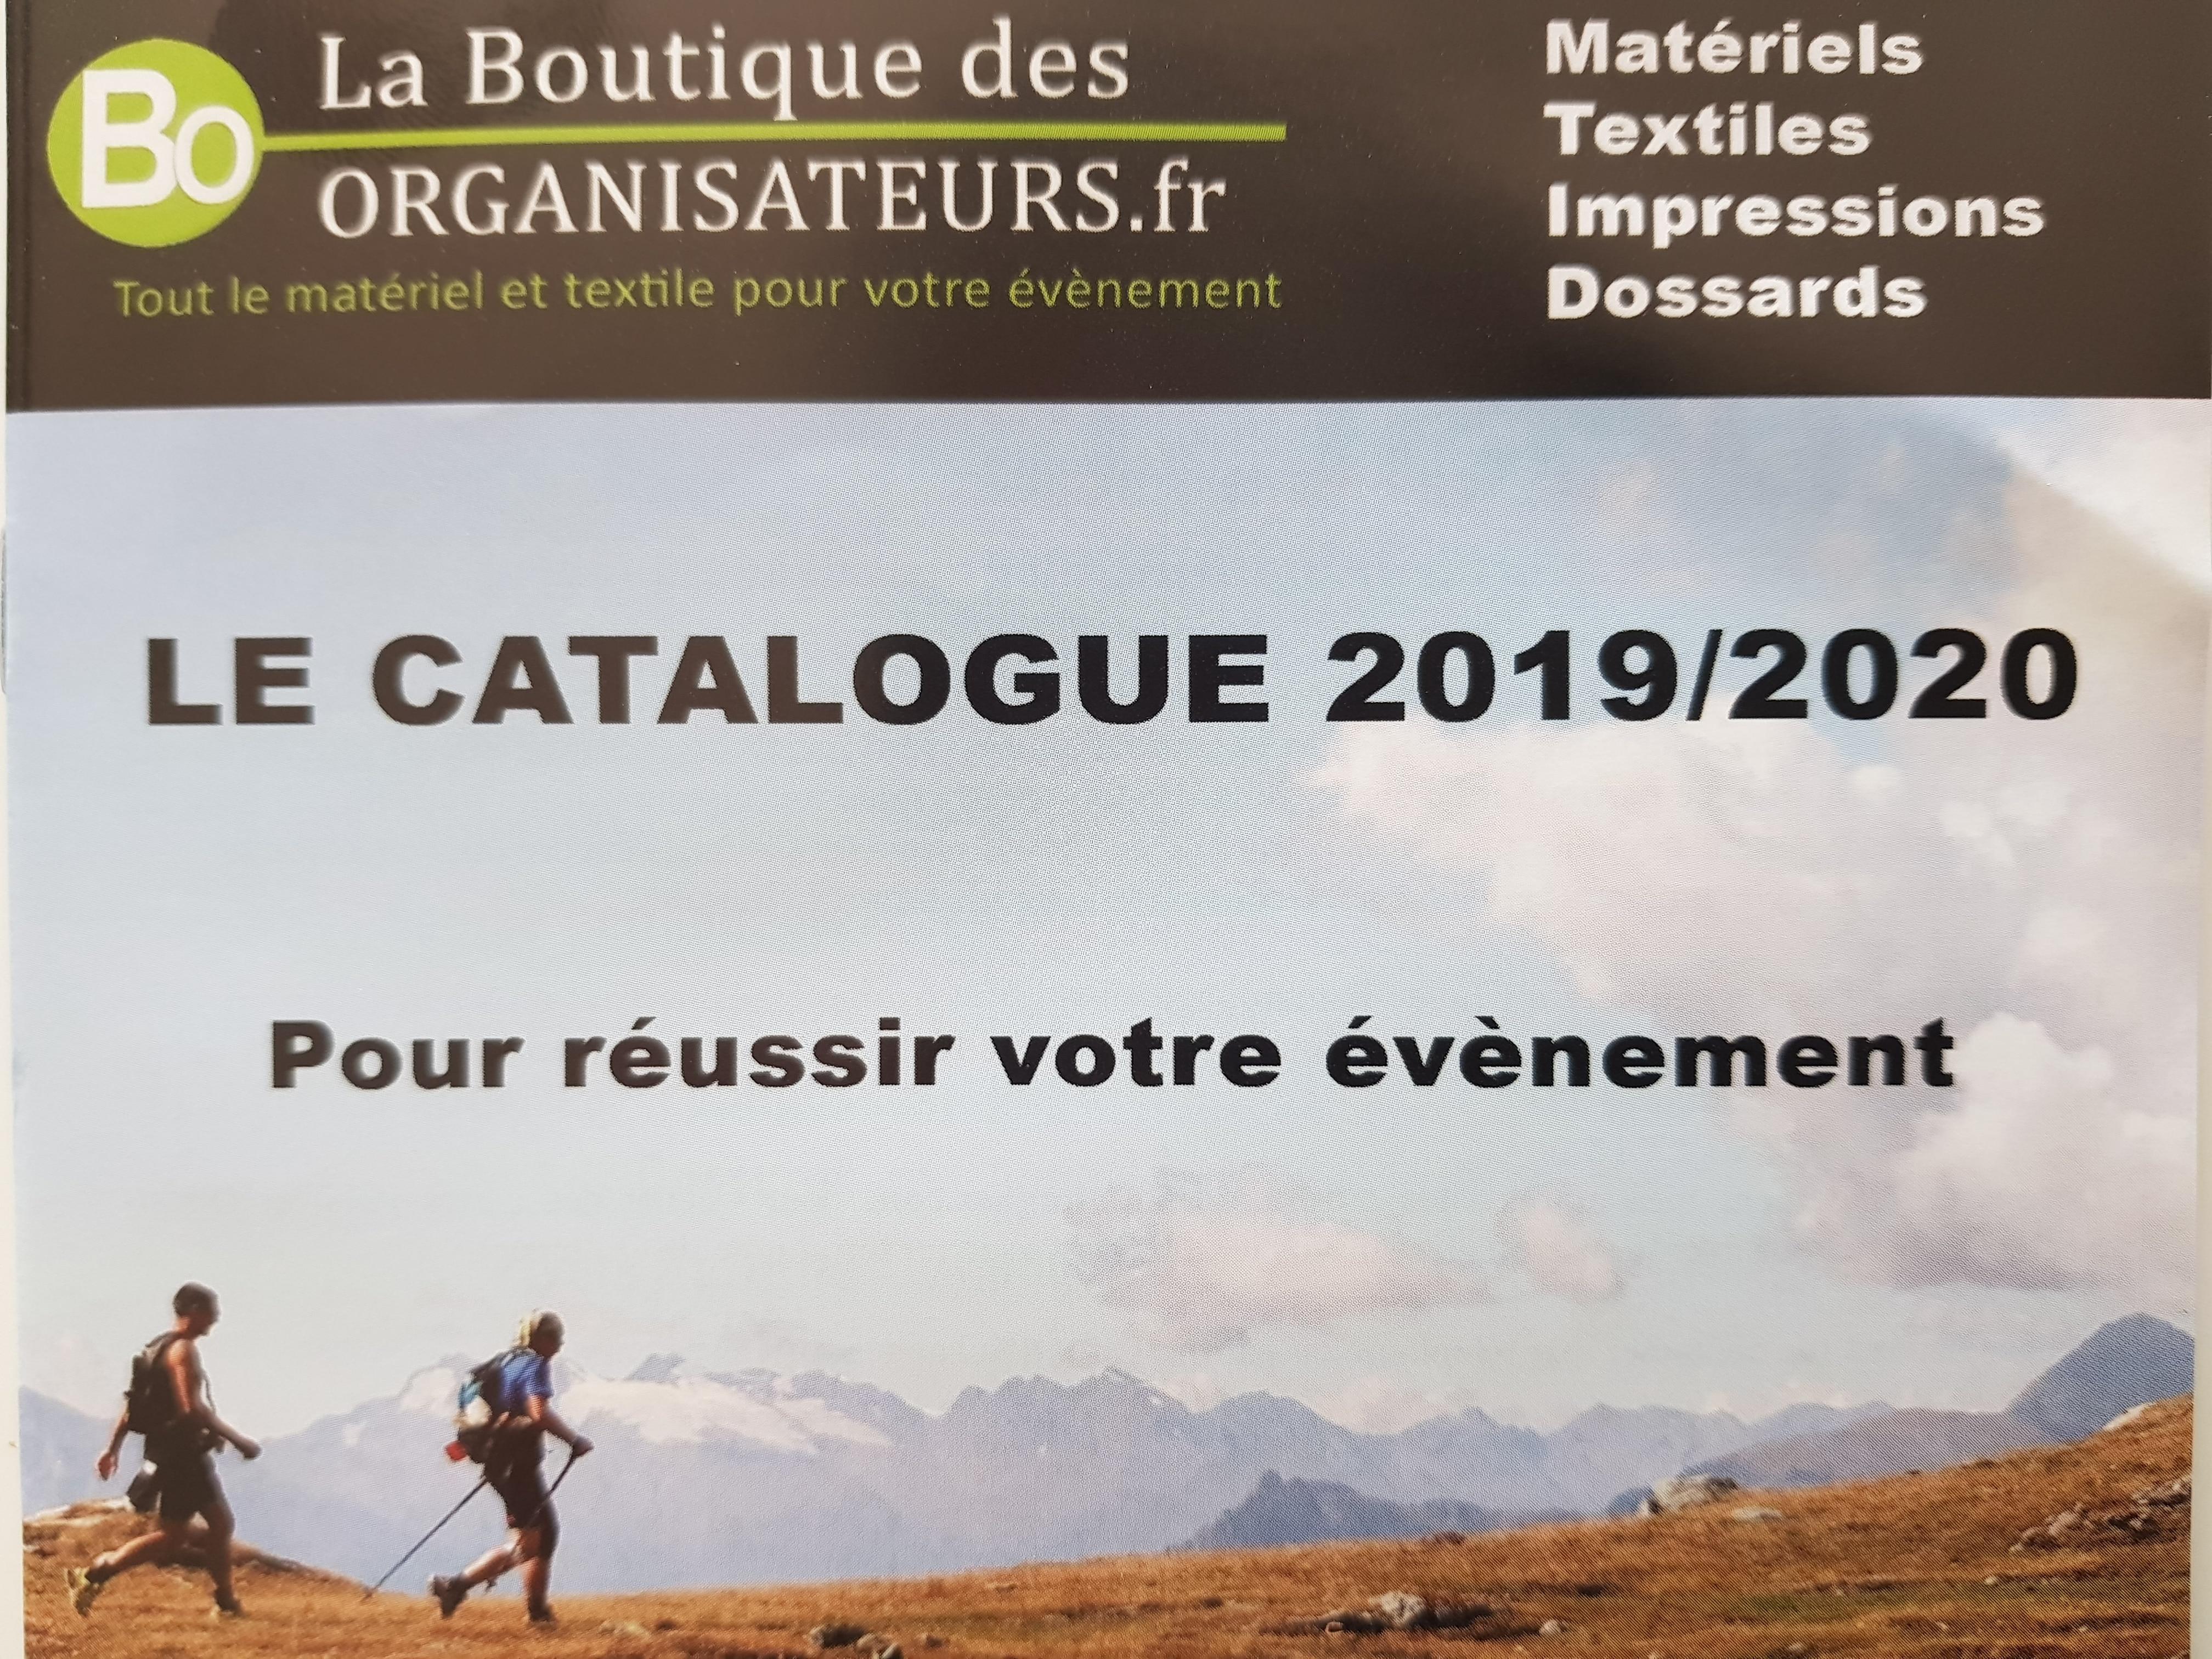 Catalogue La Boutique des Organisateurs